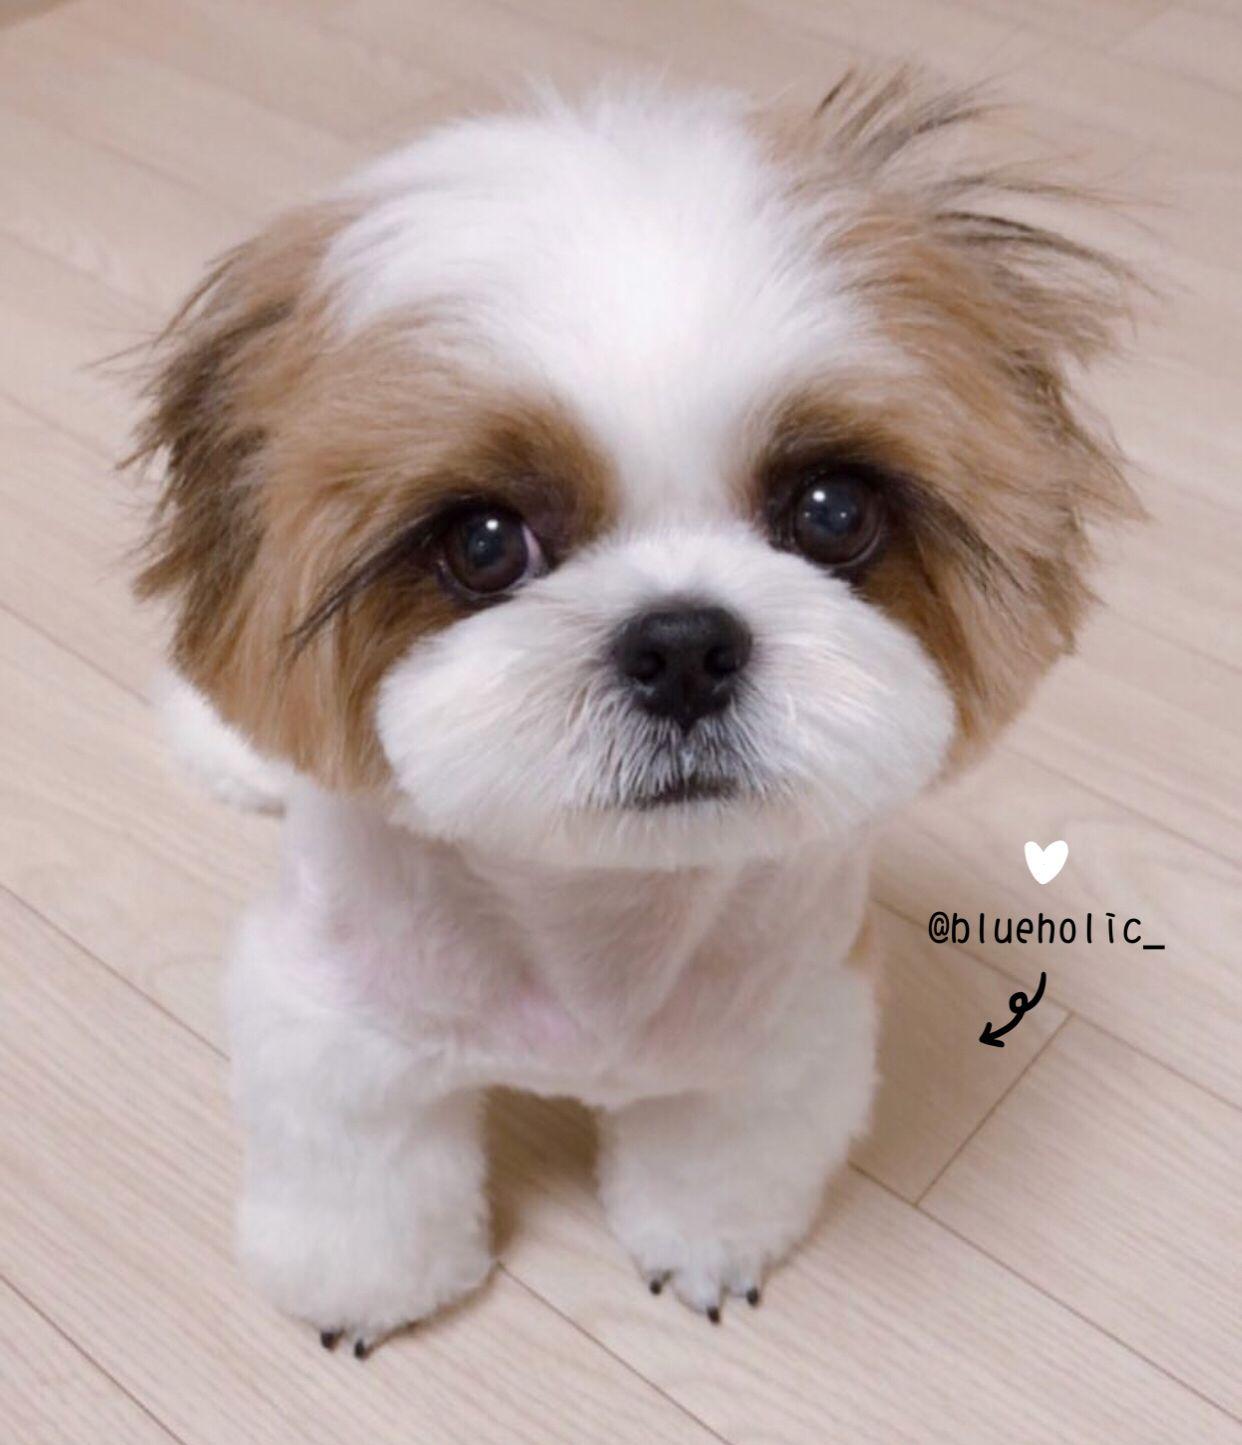 Ig Blueholic Shih Tzu Cute Dogs Super Cute Animals